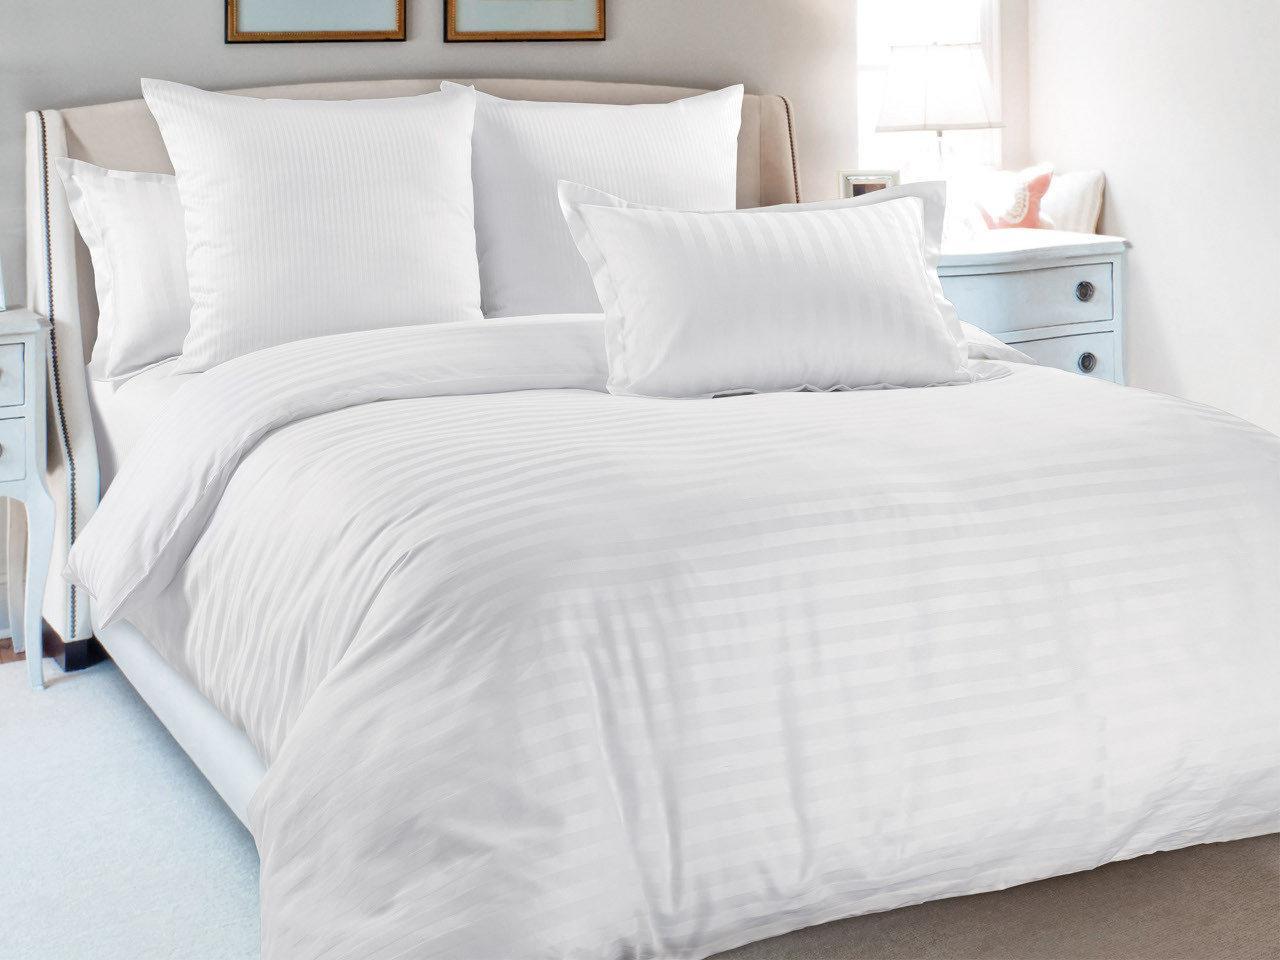 Евро комплект постельного белья 198х215  «Белый в полоску» из бязи голд